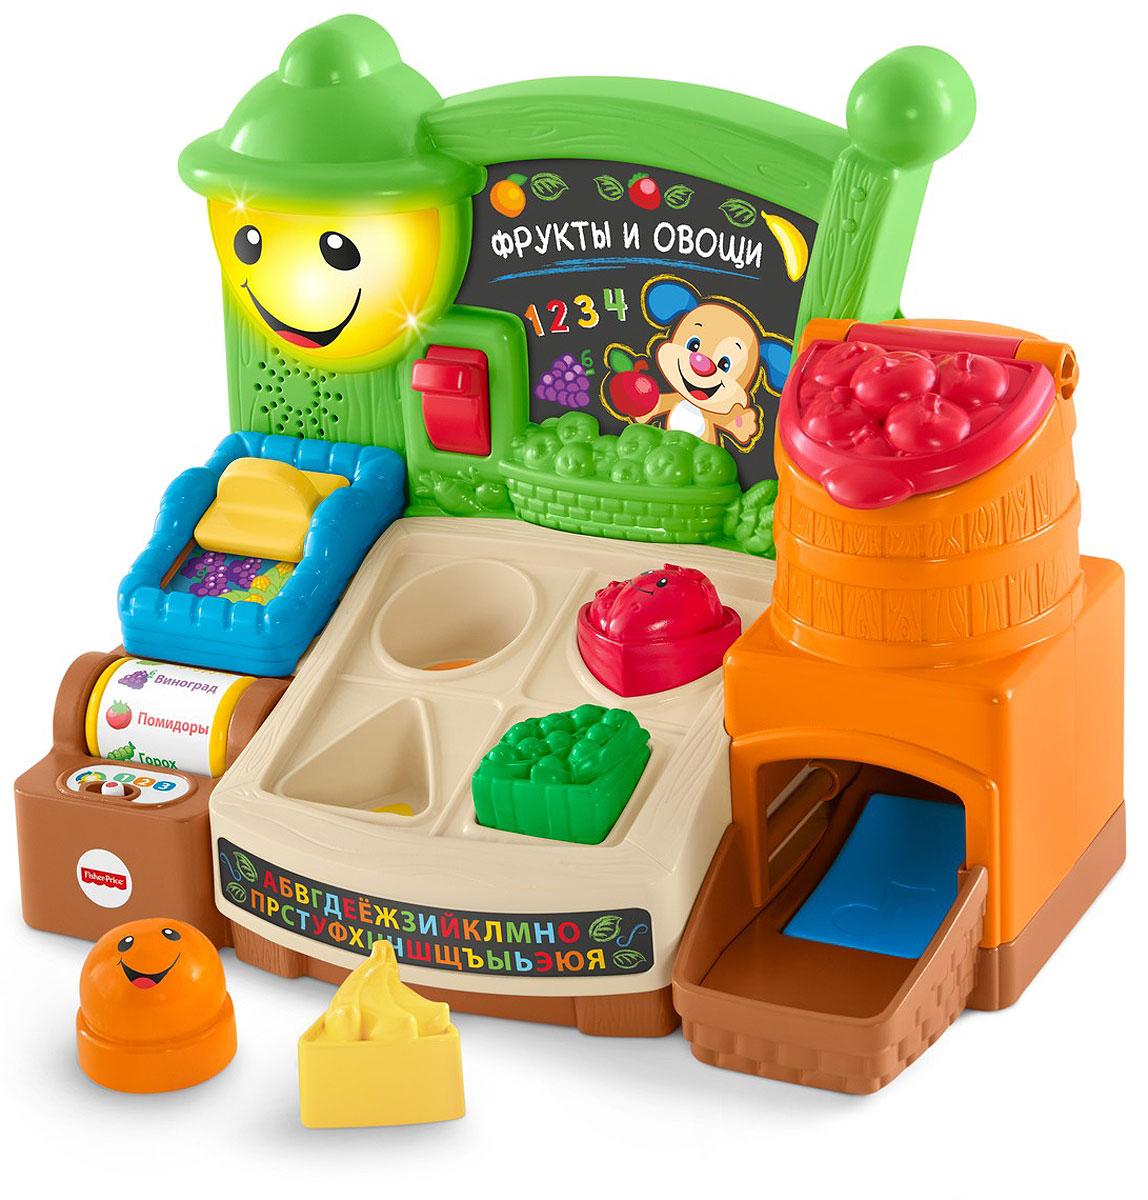 Fisher Price Fisher-Price Прилавок с фруктами и овощами FBM32FBM32В наборе Забавы в супермаркете из серии Веселое обучение более 65 песенок, звуков и фраз, чтобы помочь малышу выучить первые слова, познакомить с простыми явлениями и испанским языком! Сортируйте фрукты, крутите ролик с названиями продуктов, бросате продукты в бочку, включайте и выключайте подсветку и двигайте переключатель в корзинке для покупок. Все действия открывают веселый обучающий контент. Набор работает по технологии Smart Stages. На 1-м уровене игрушка развивает любознательность ребенка. На 2-м уровене ваш малыш учится реагировать на просьбы. На 3-м уровене игрушка мотивирует играть определенную роль.